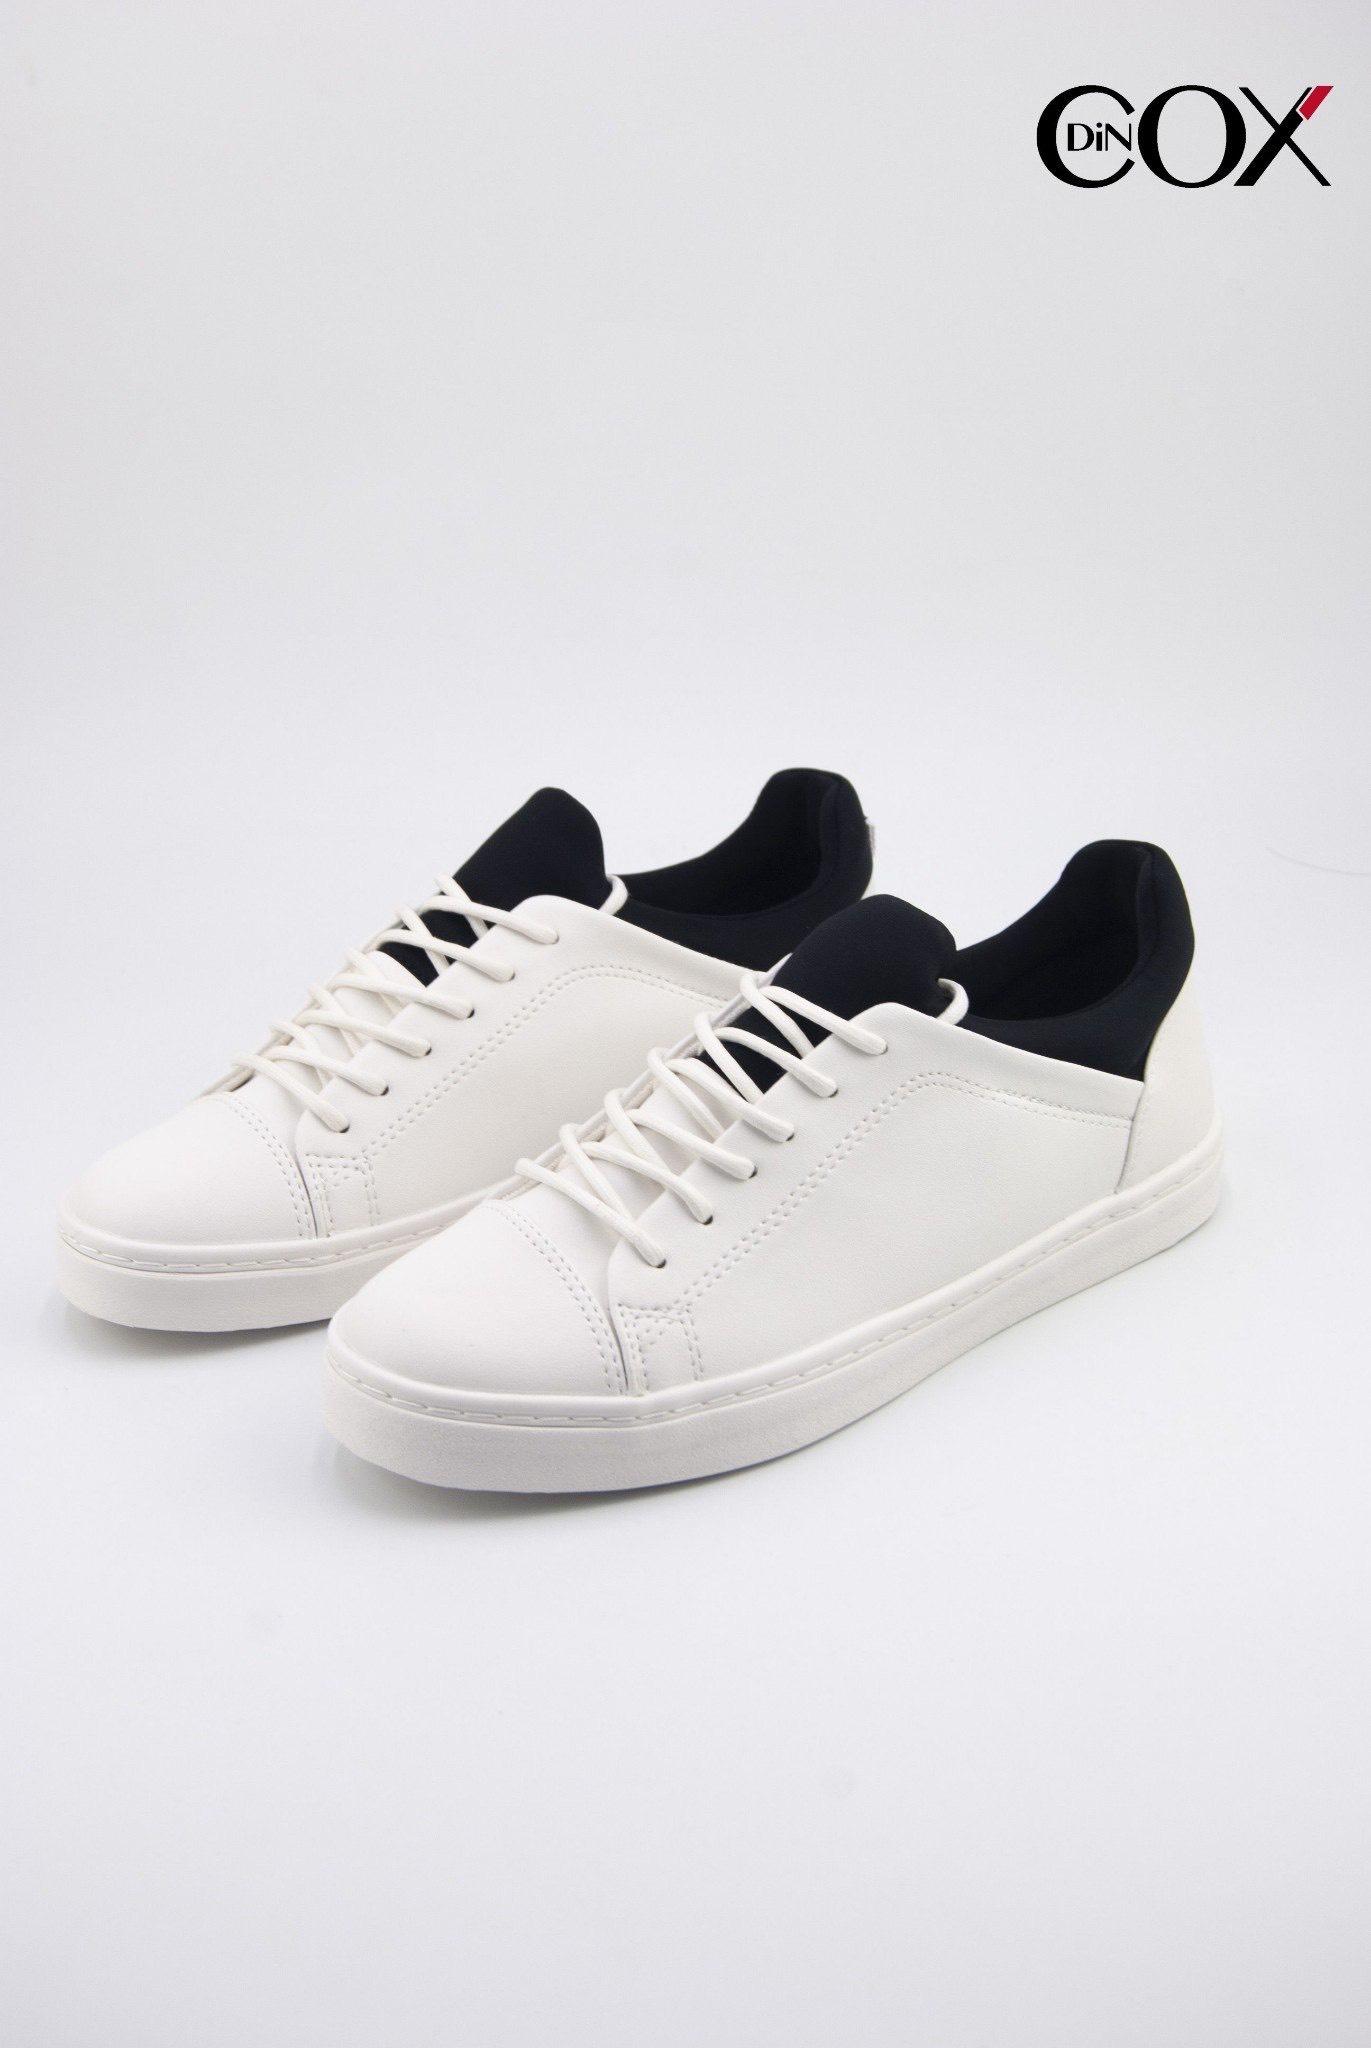 dincox43-white